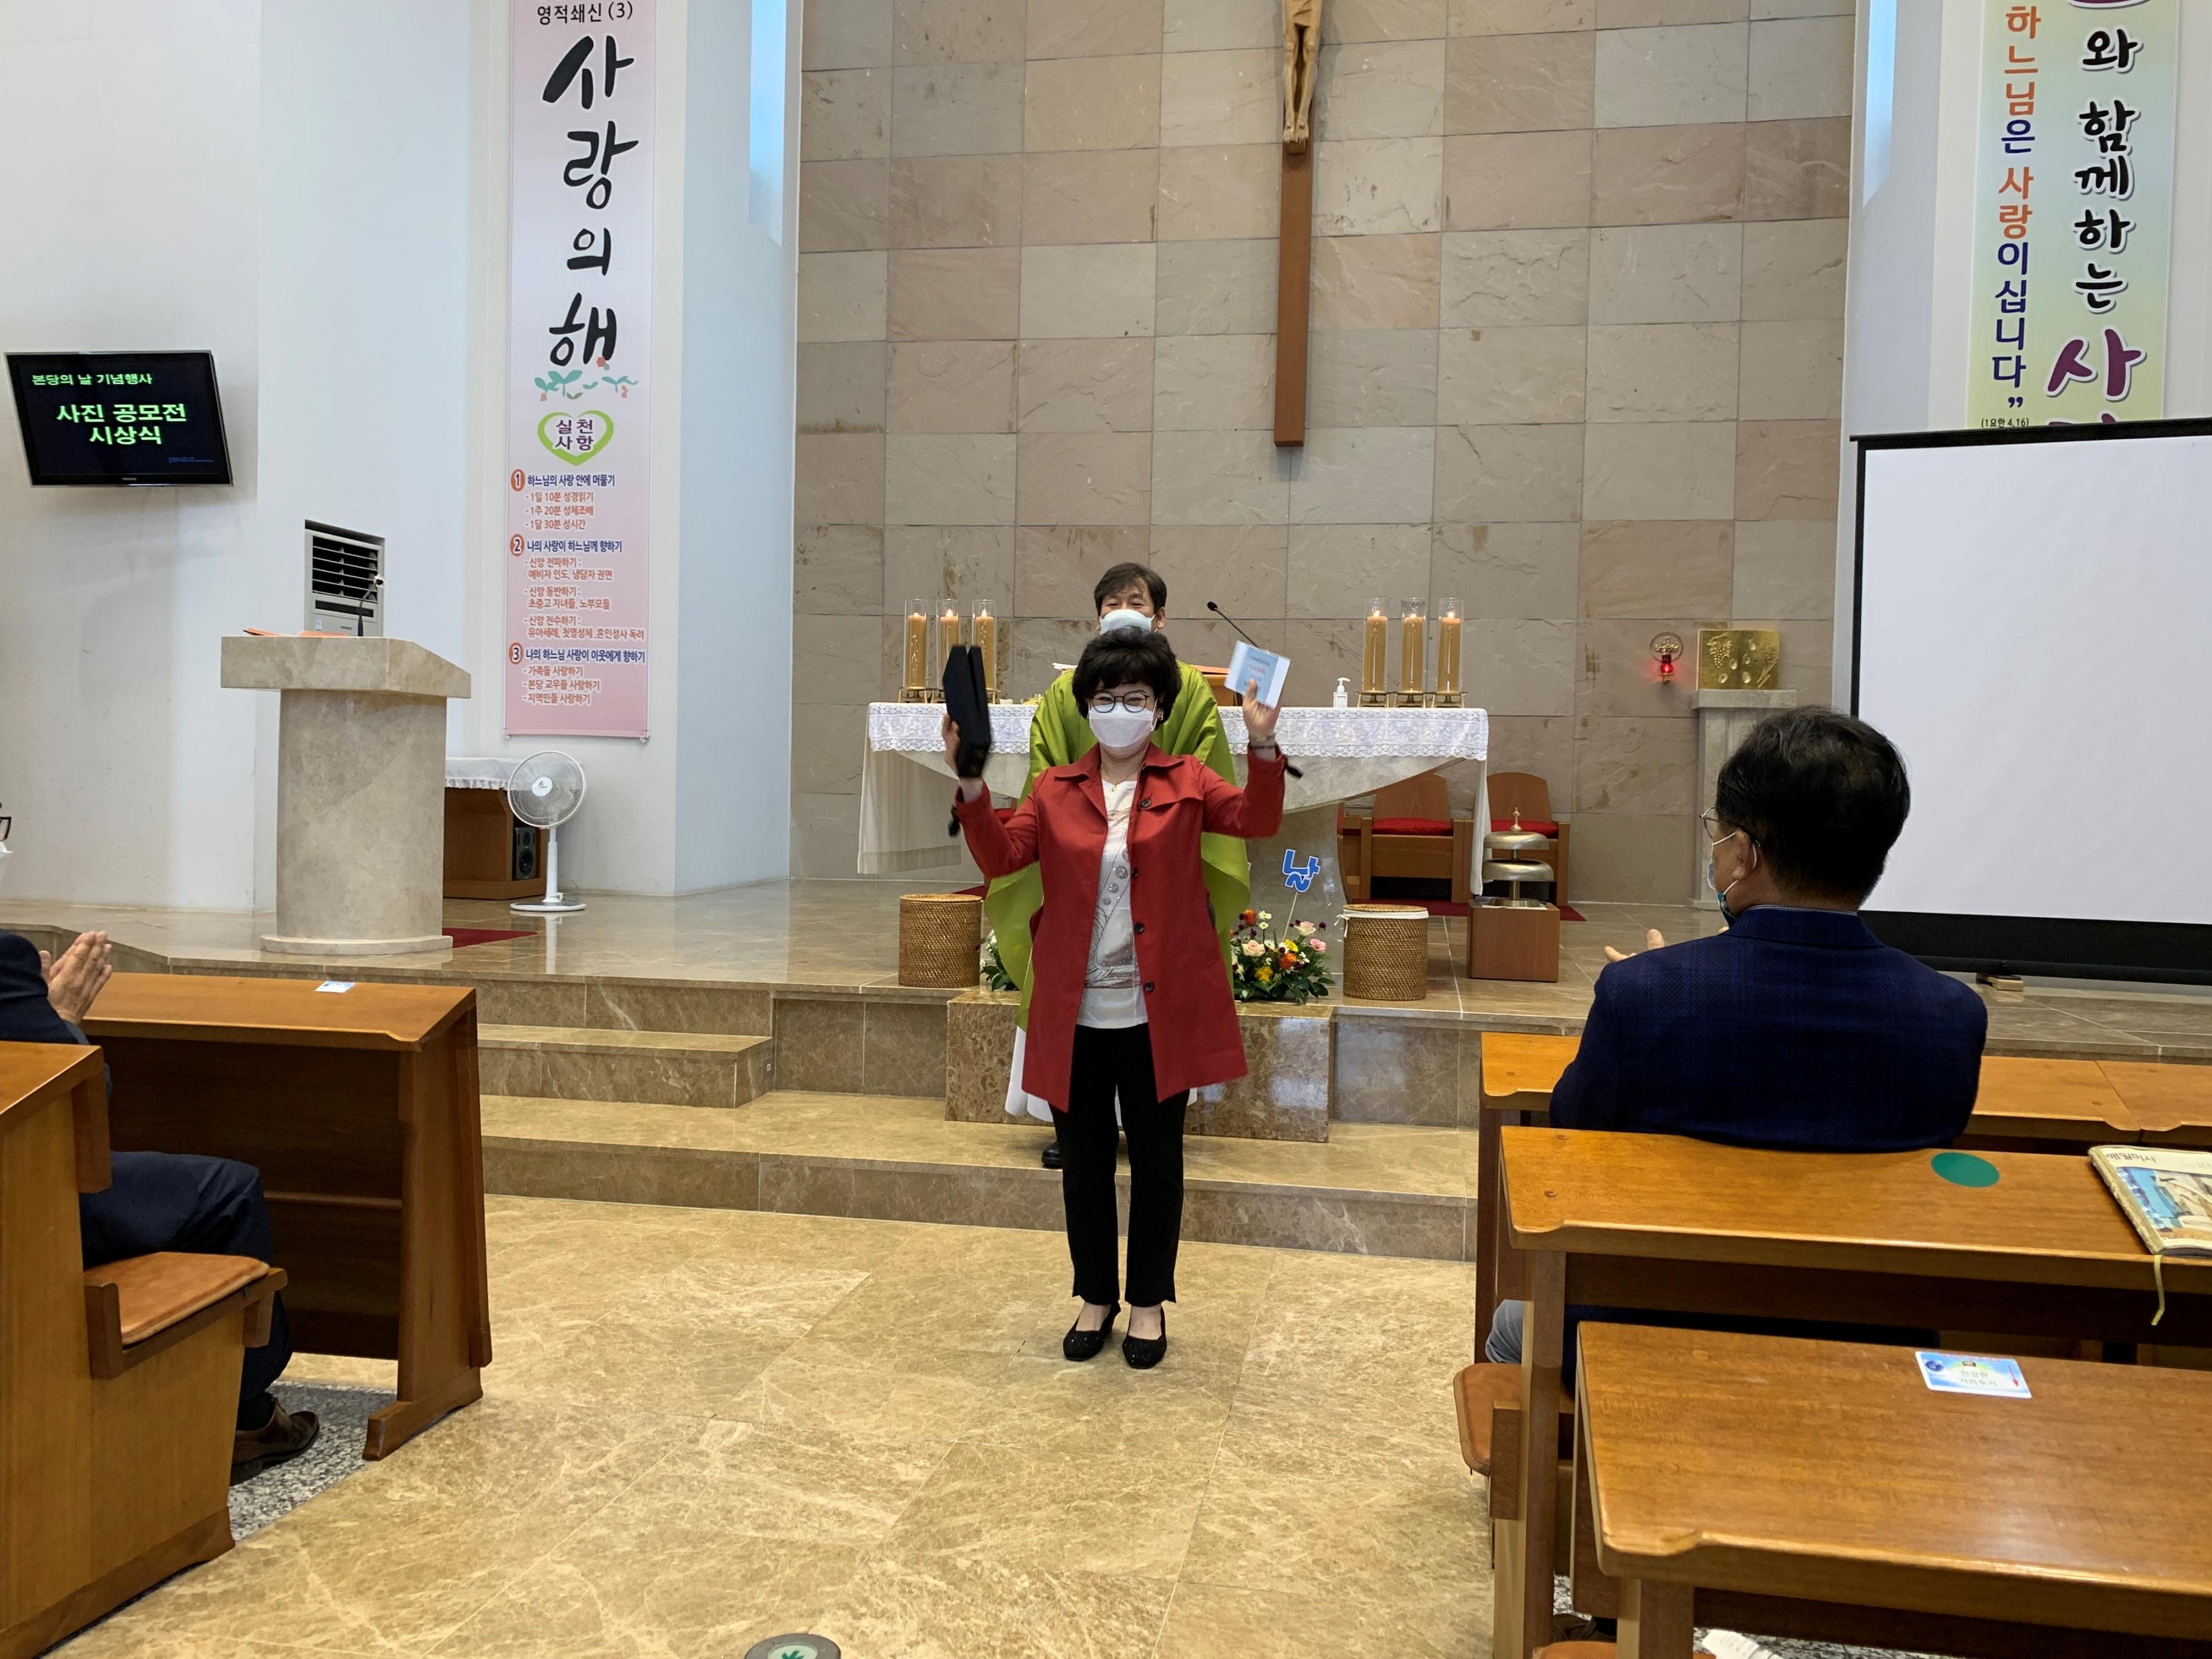 batch_2020-10-11 제11회 본당의 날 (47).jpg